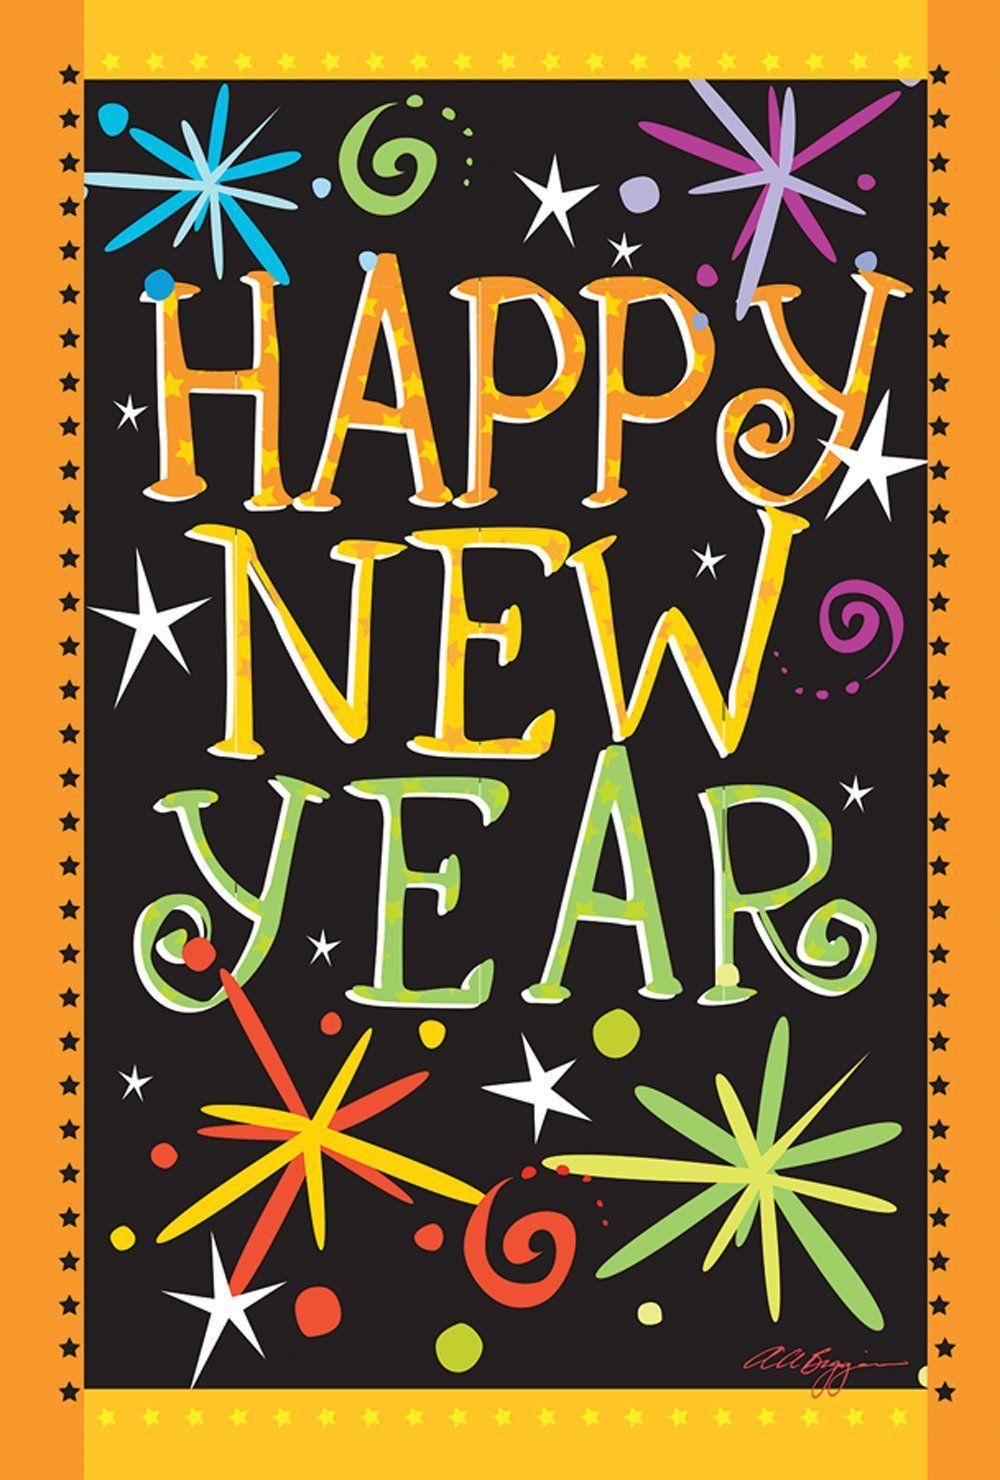 Happy New Year Happy new year images, New year's eve